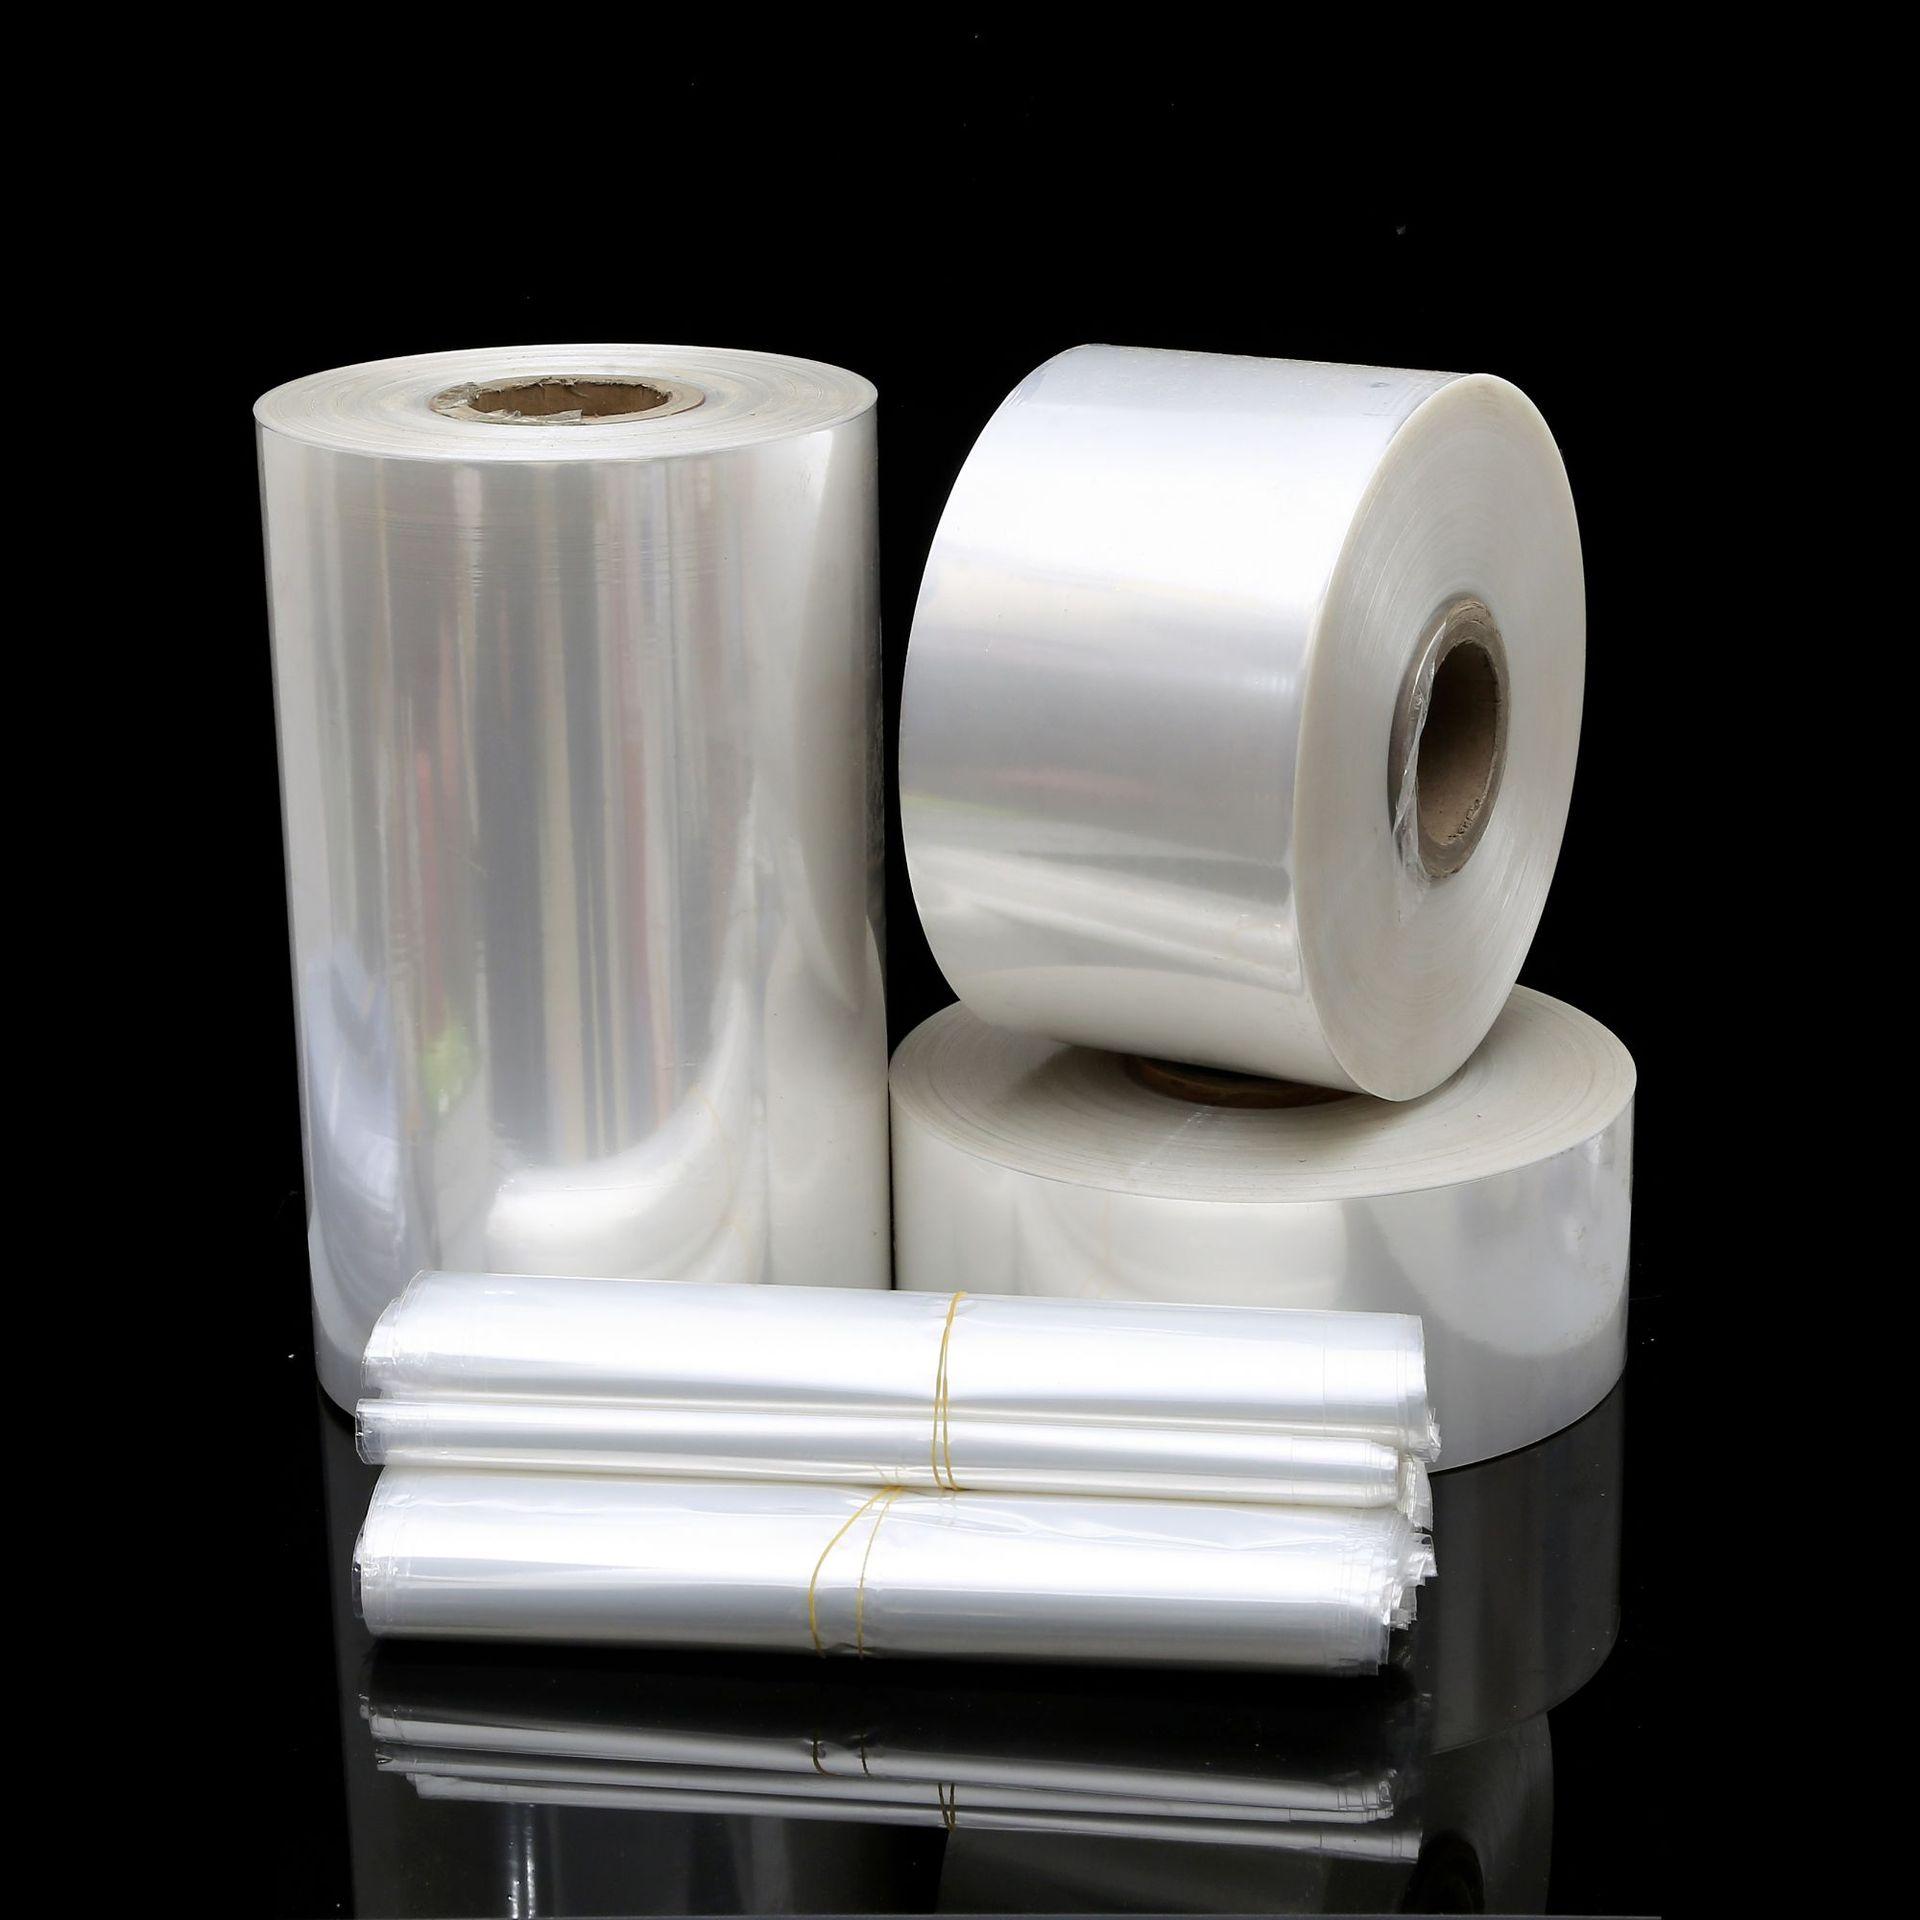 厂家供应定做热收缩袋环保收缩膜定制POF平封袋平口袋环保袋批发